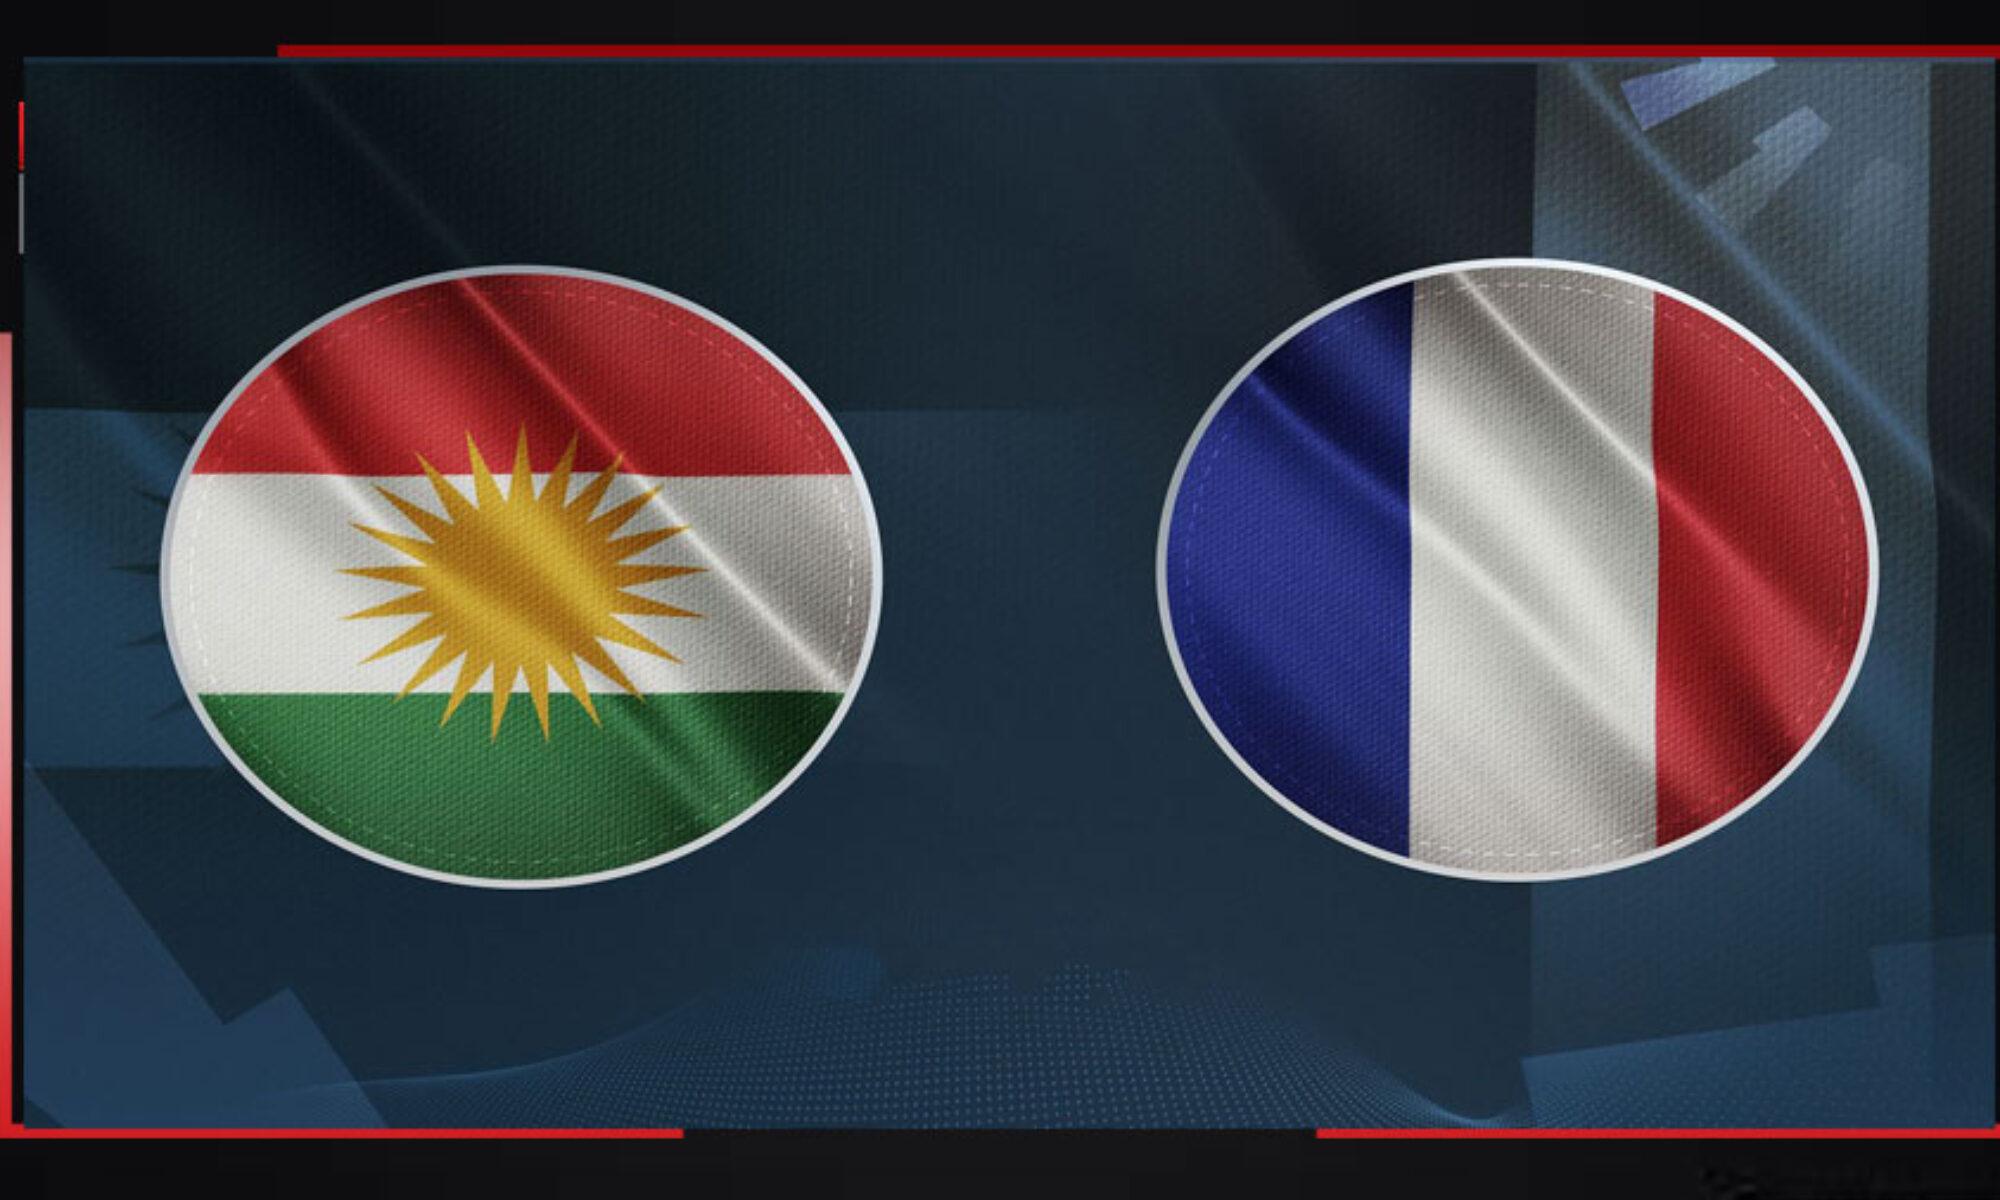 Fransa: Erbil'e saldırı kabul edilemez Fransa'nın Erbil Başkonsolosu Olivier Decottignies